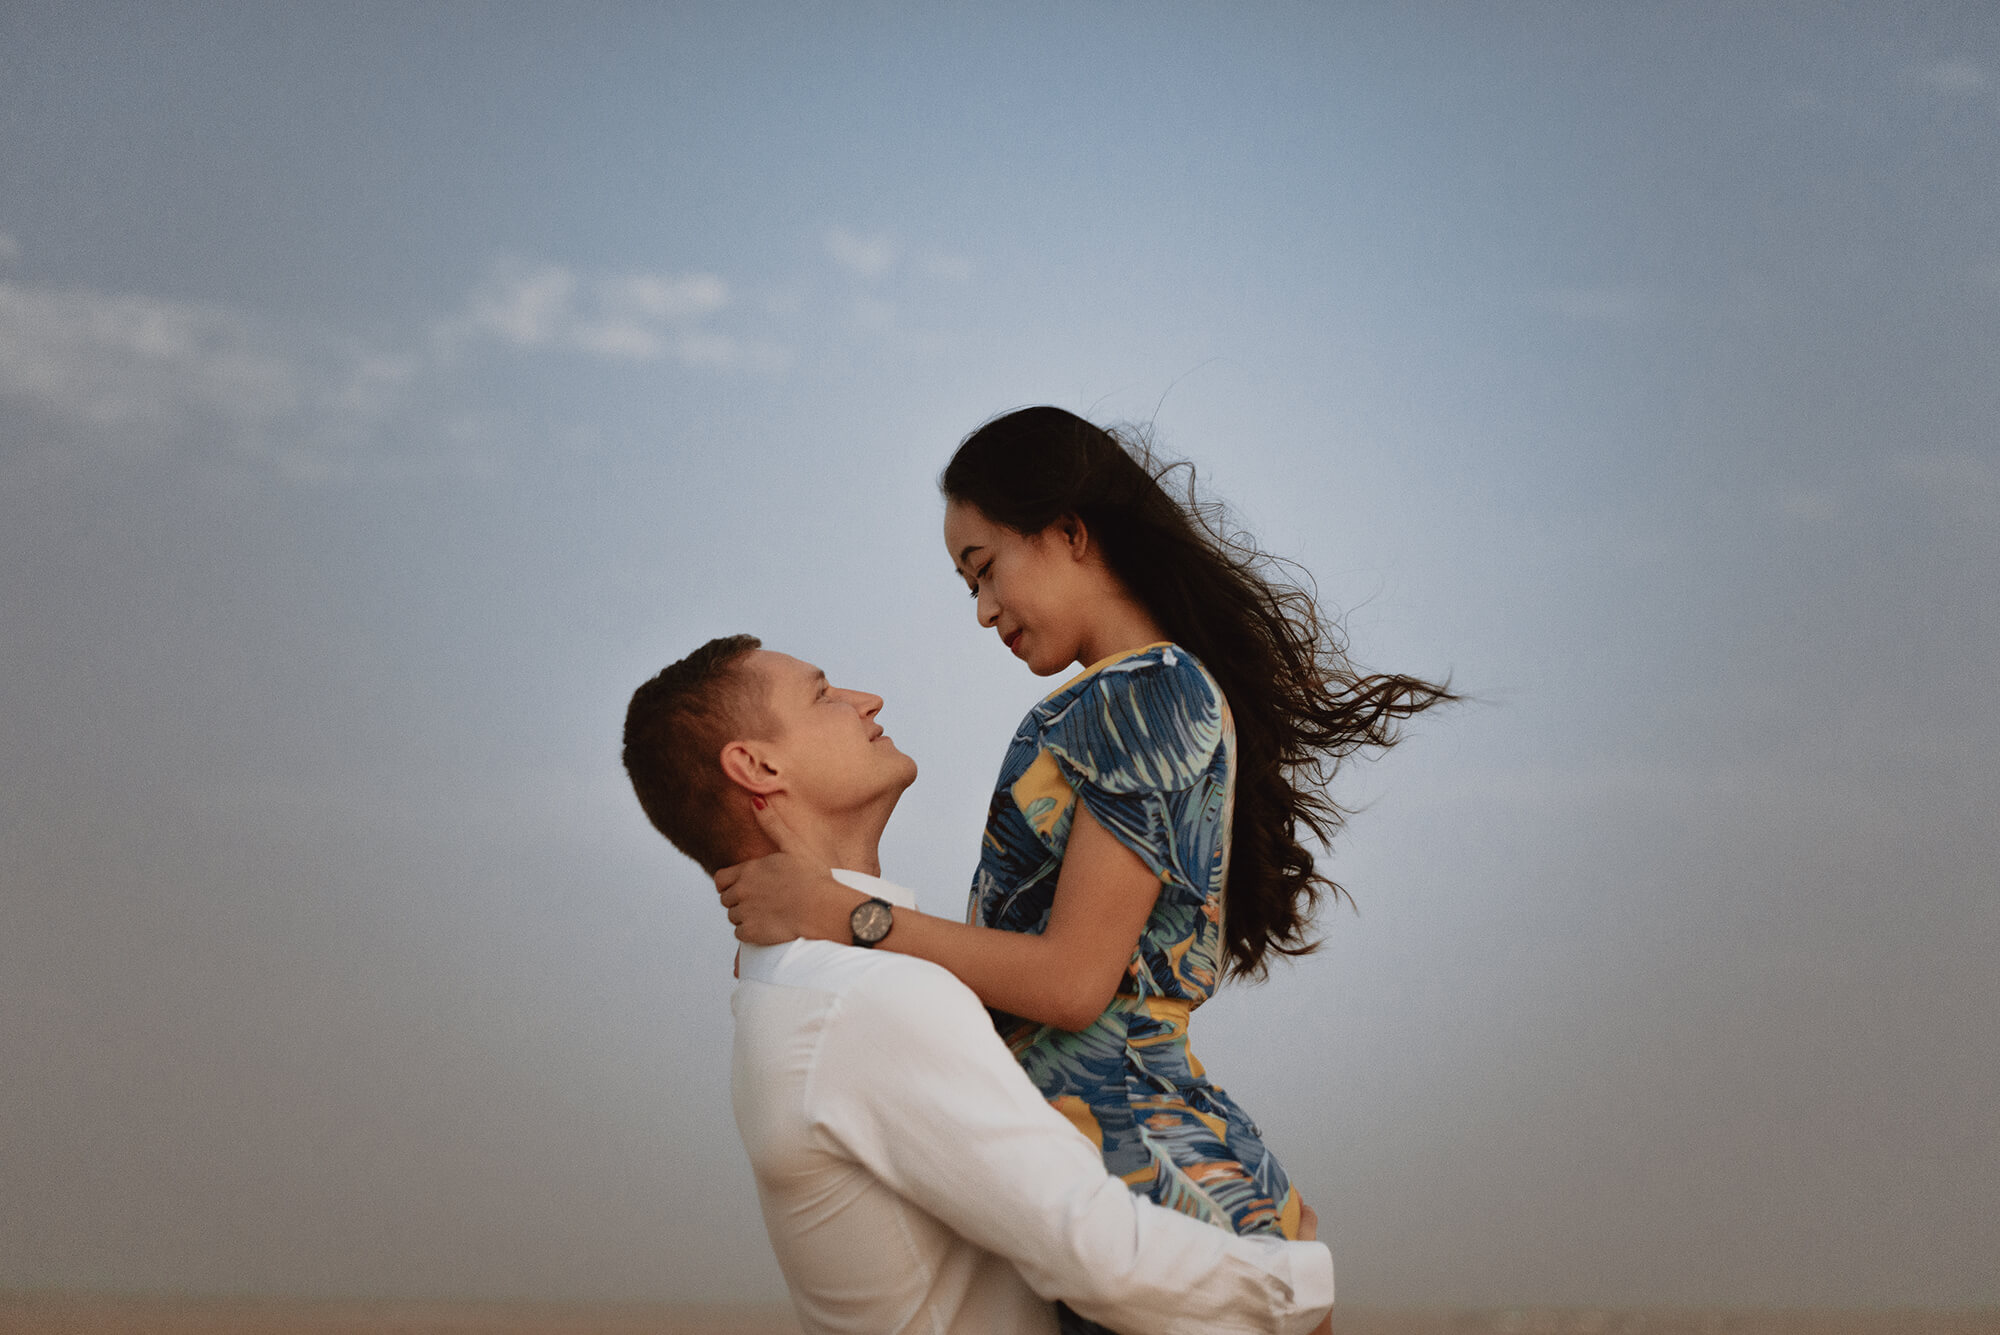 Sesja narzeczenska w dubaju29 - Citra + Kuba | miłość w Dubaju + 6 powodów dlaczego sesja narzeczeńska jest tak ważna